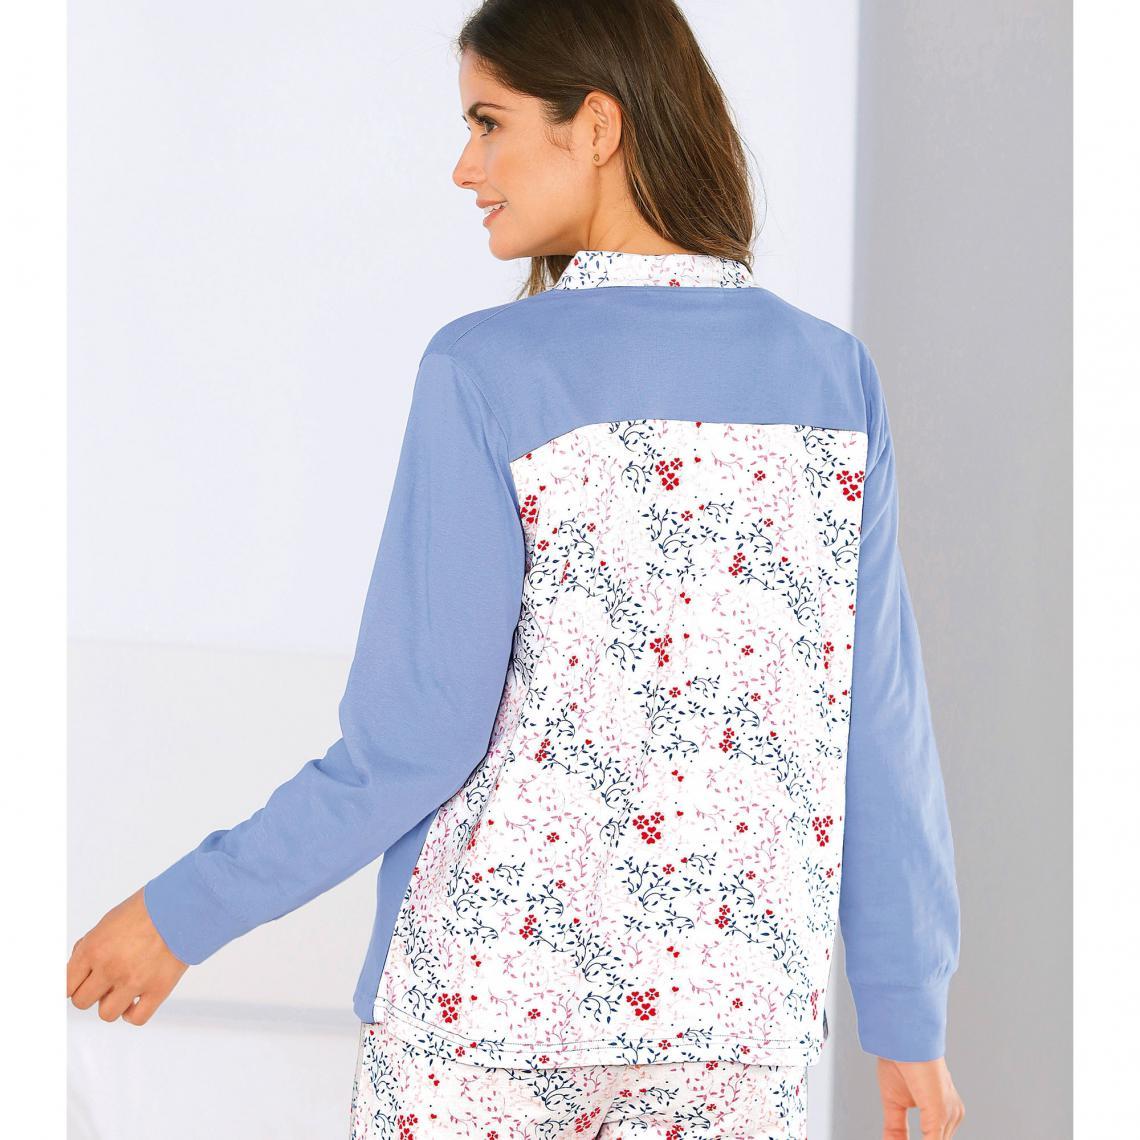 de7e34f94173d Pyjama 3 pièces tee-shirt pantalon et veste imprimé floral femme - Blanc /  lavande